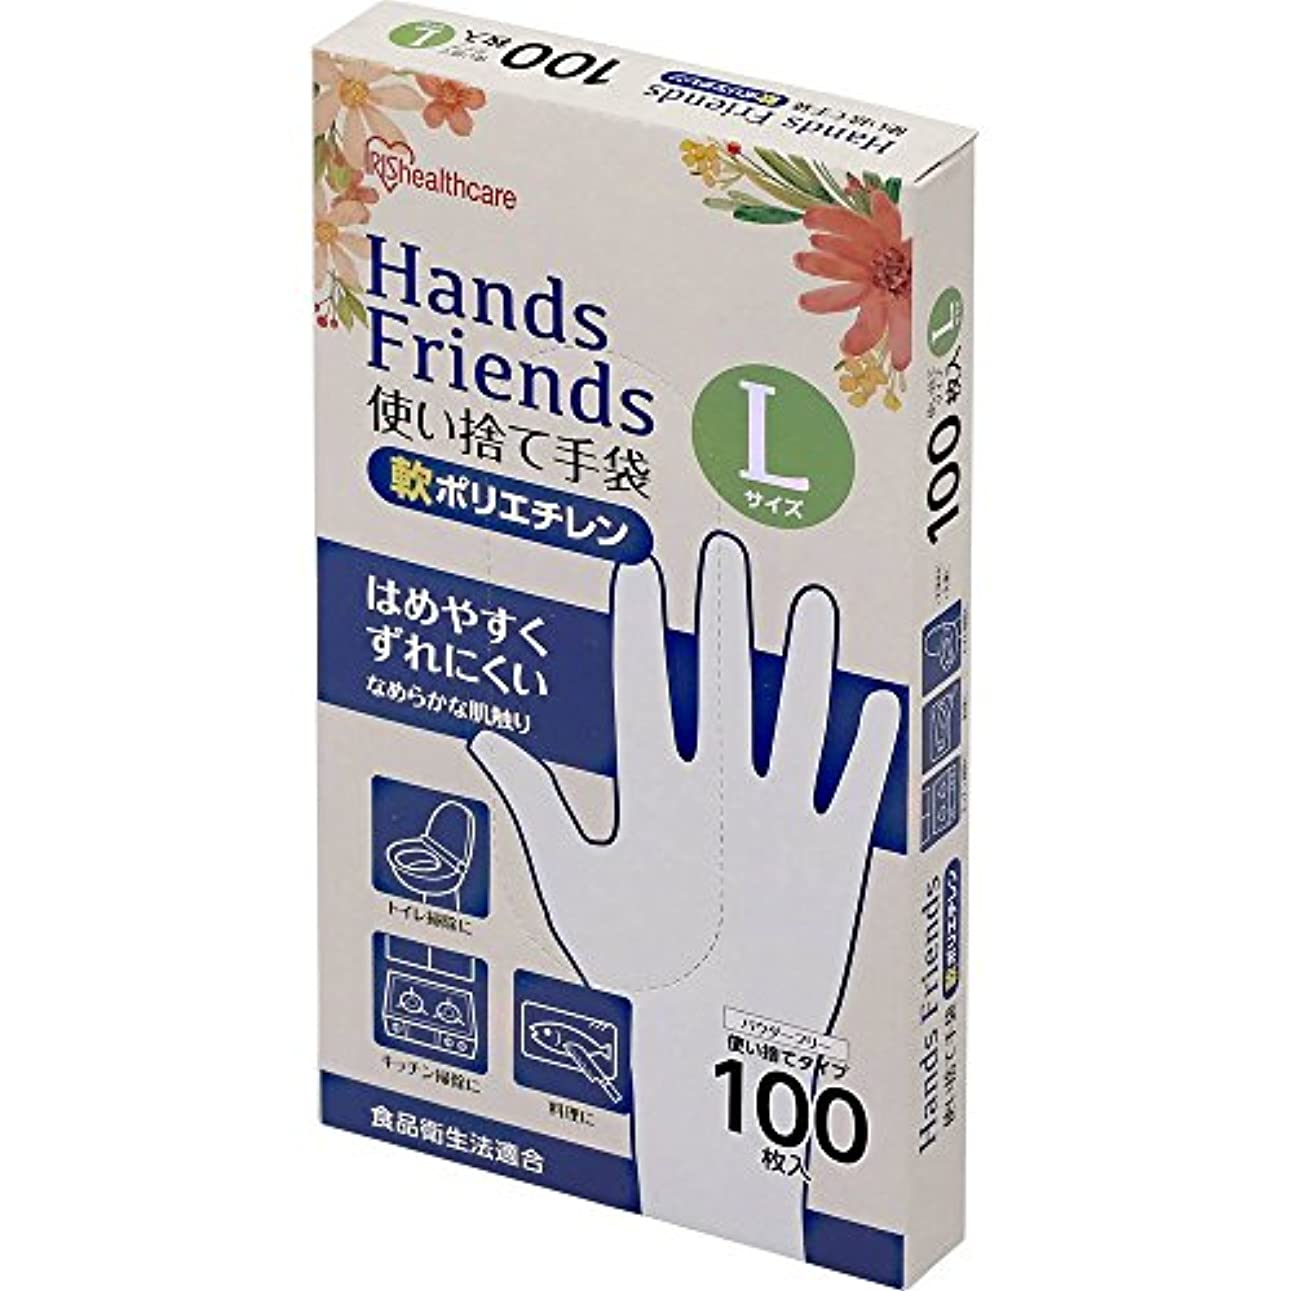 プランテーション満たす結婚する使い捨て手袋 軟ポリエチレン手袋 Lサイズ 粉なし パウダーフリー クリア 100枚入